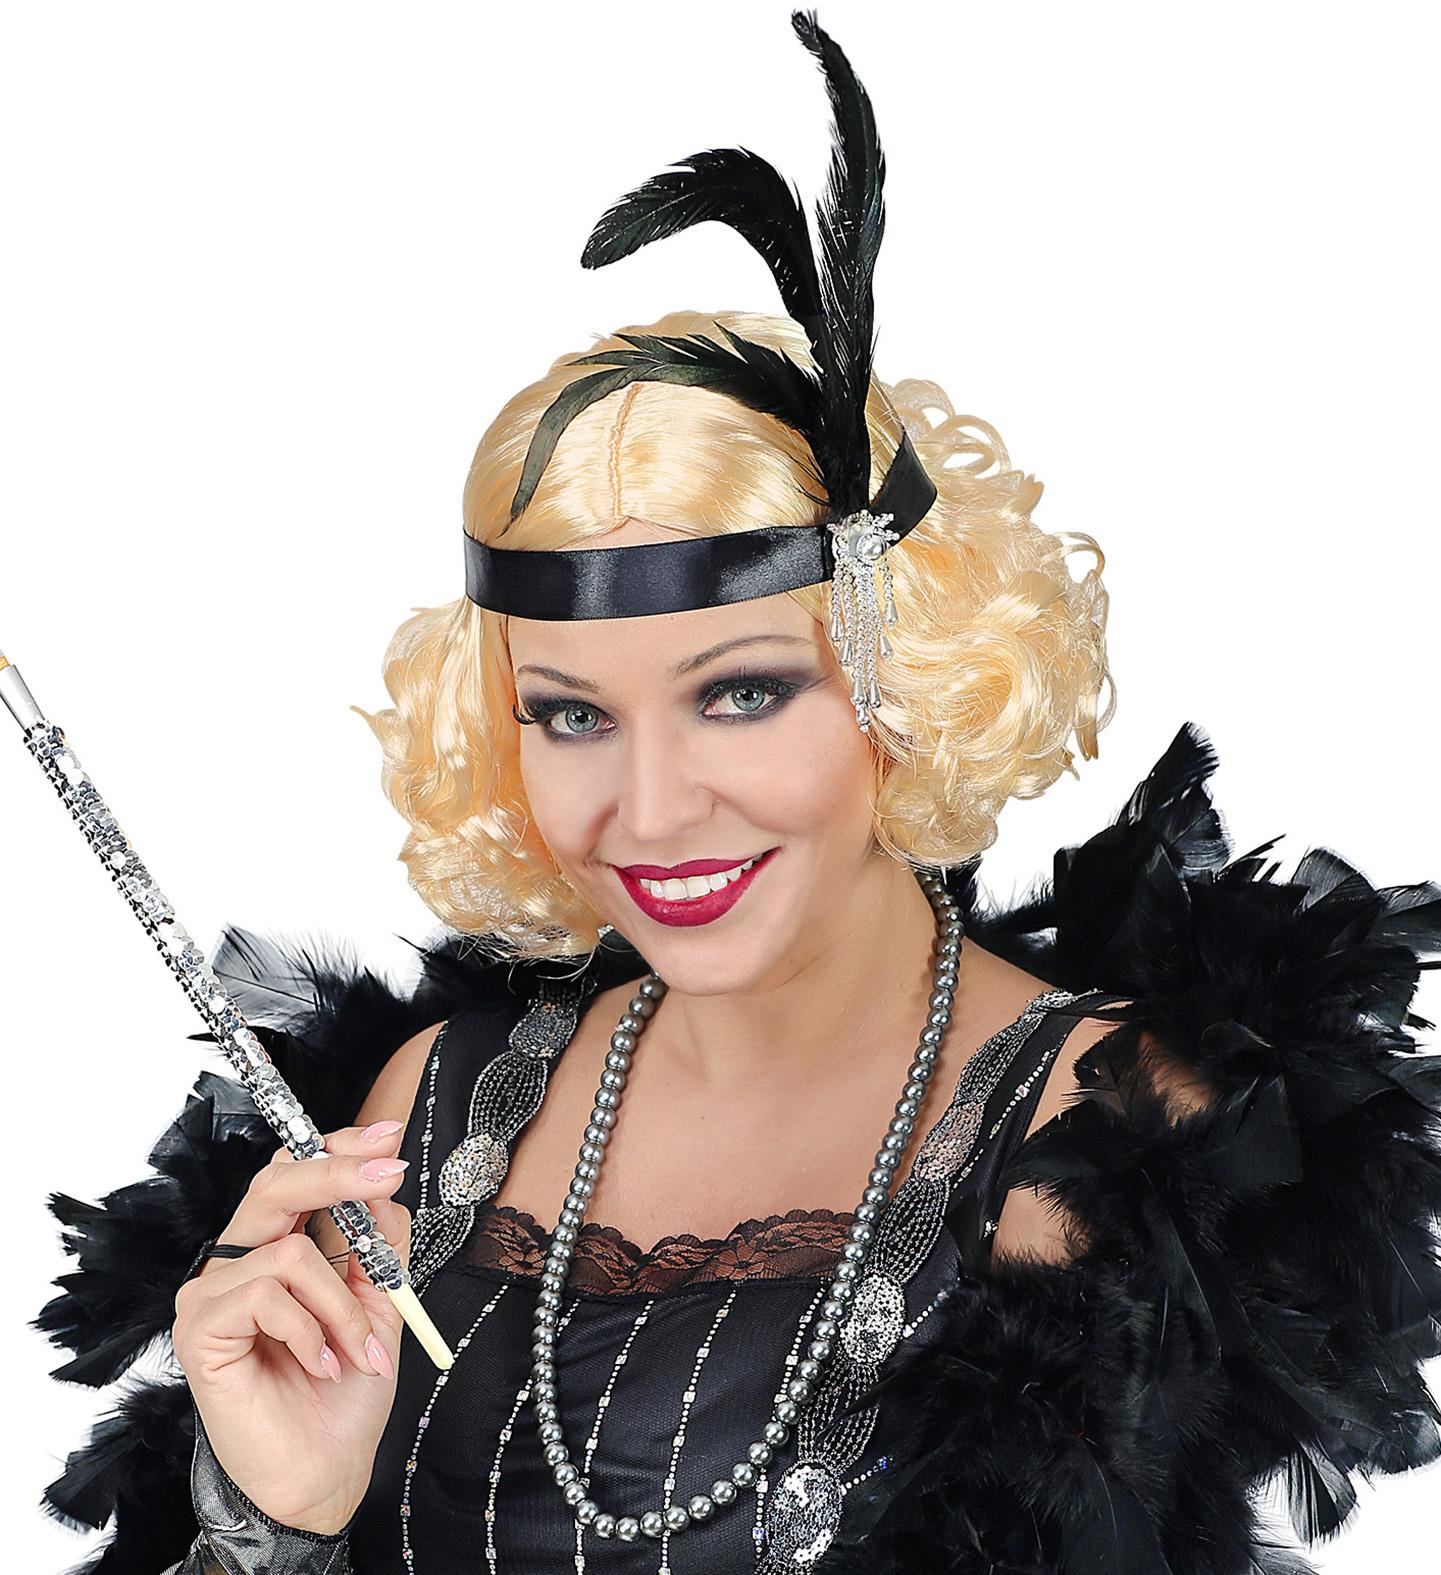 wie man kauft begrenzter Verkauf Turnschuhe für billige Blonde 20er Jahre Charleston Damen Perücke inkl. Haarband mit Federn